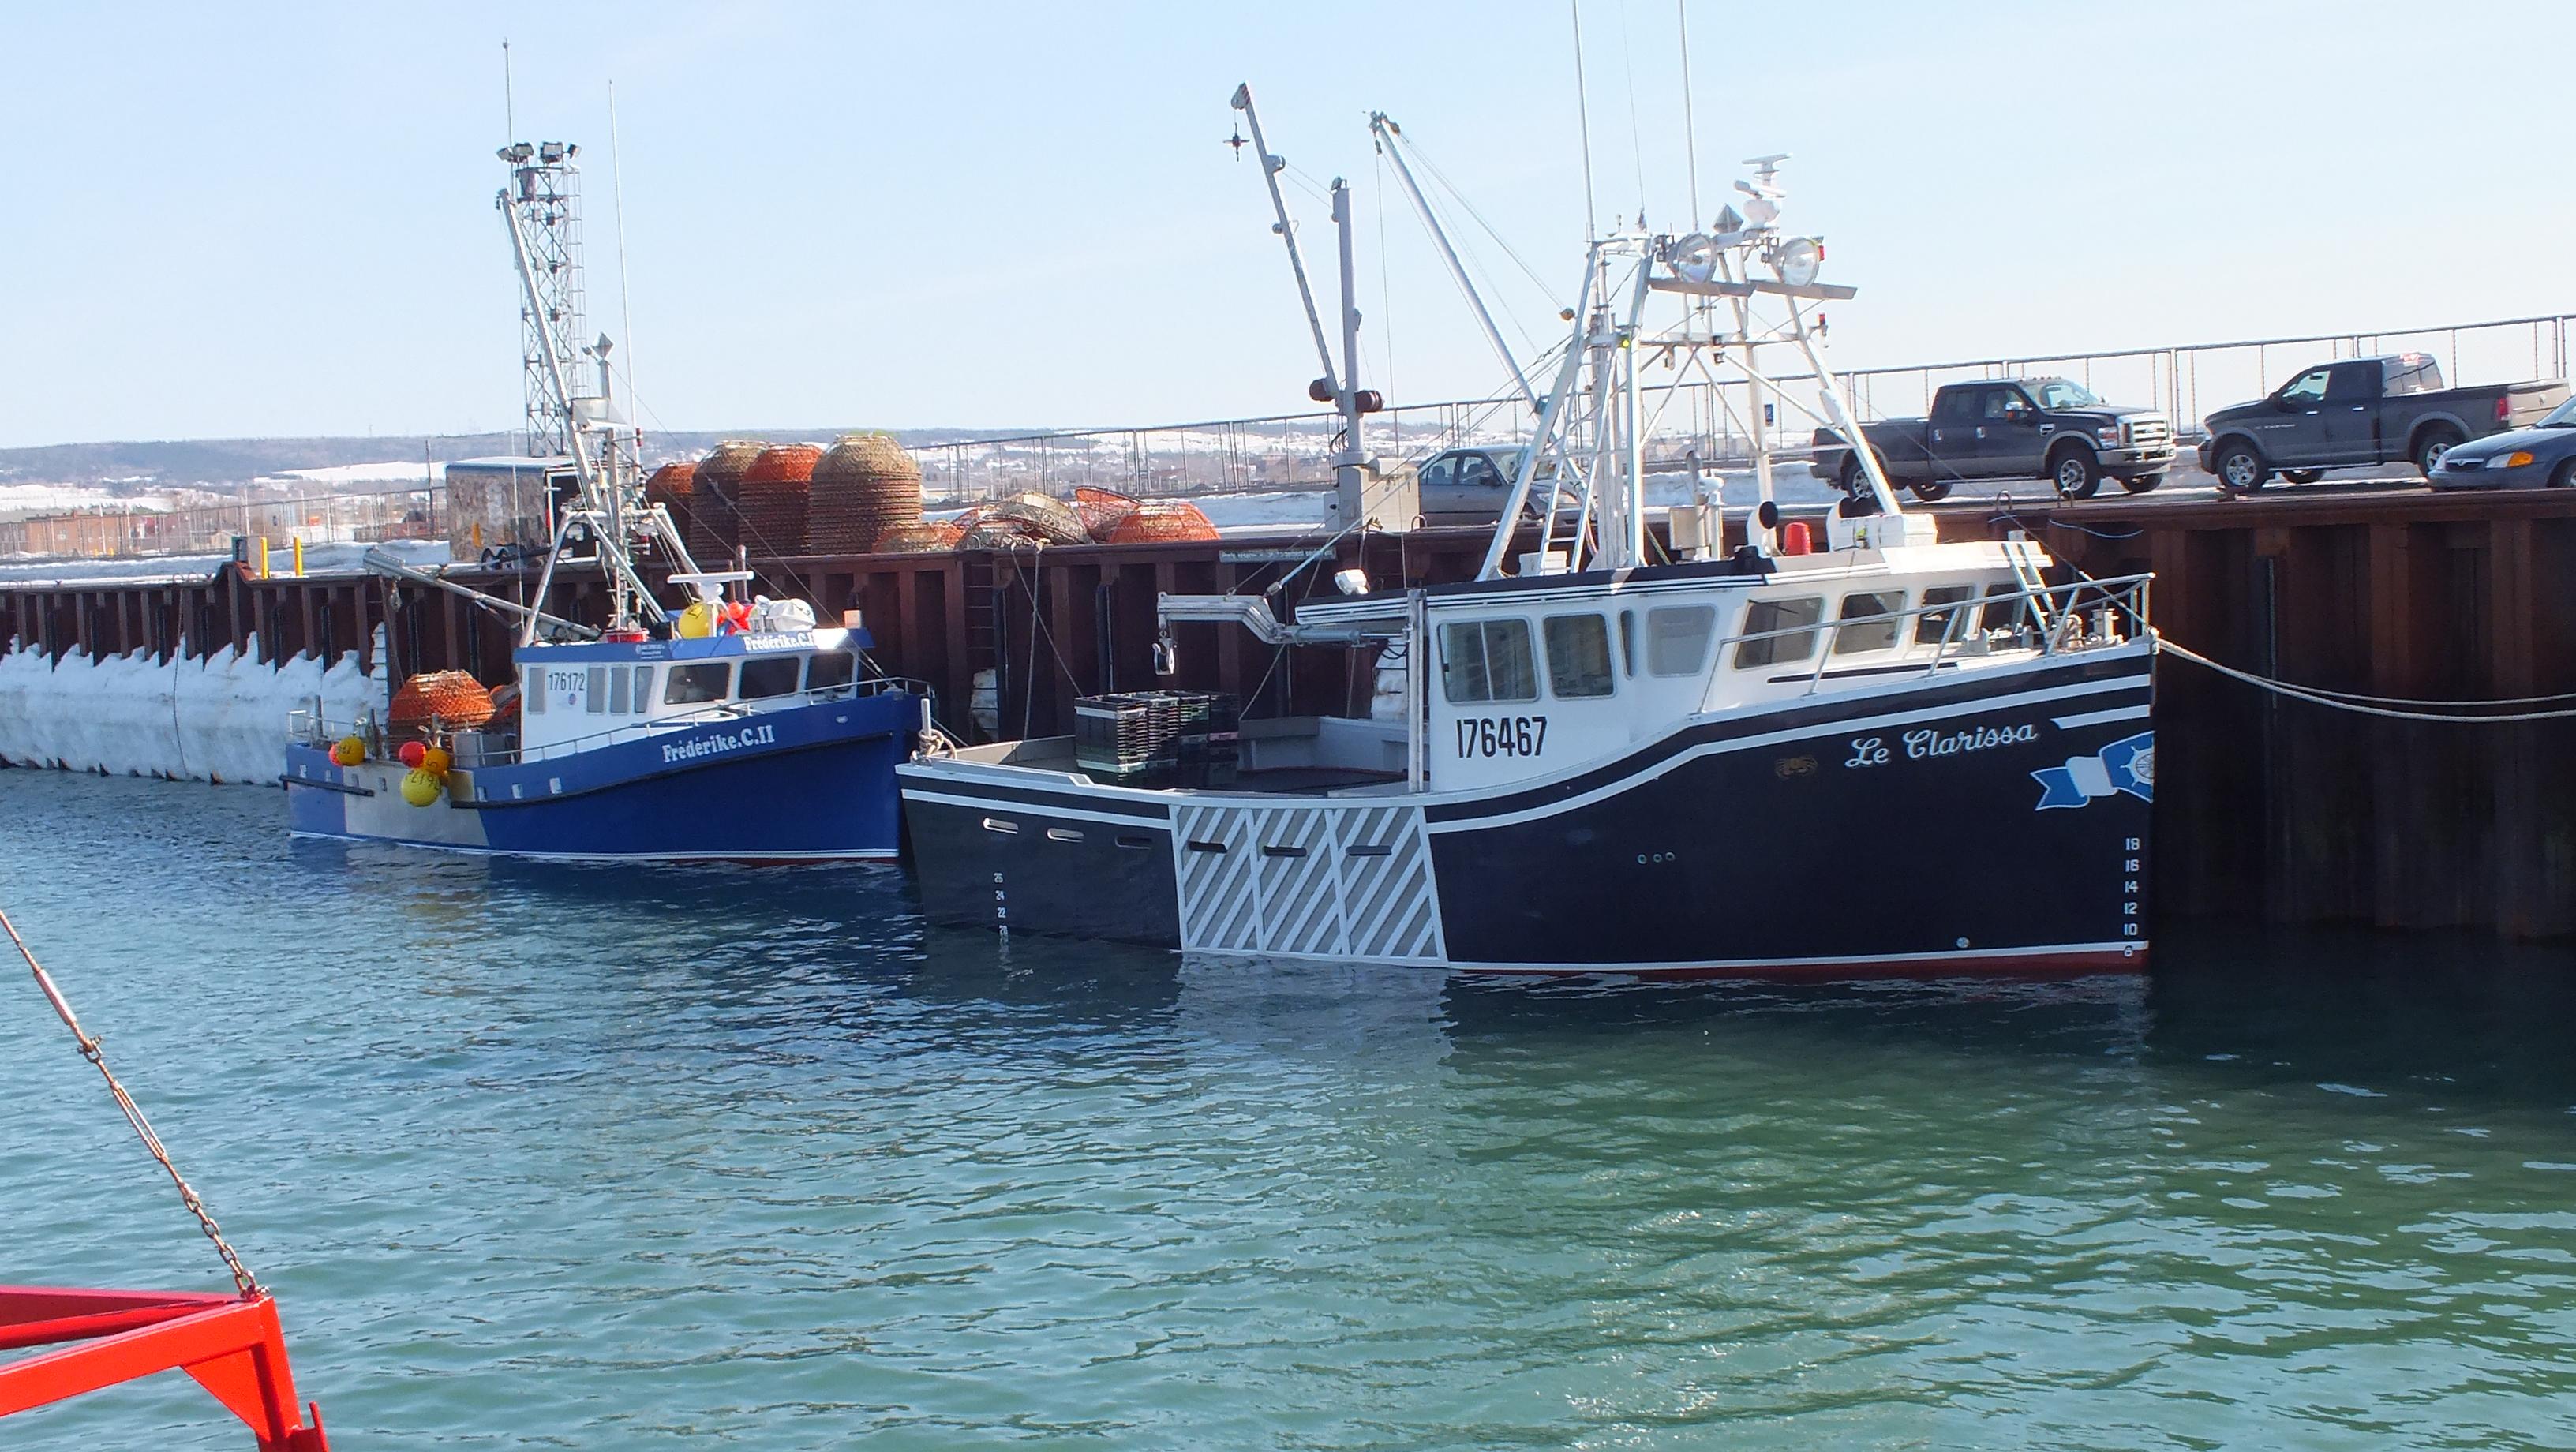 Crabiers - bateaux de pêche au crabe.